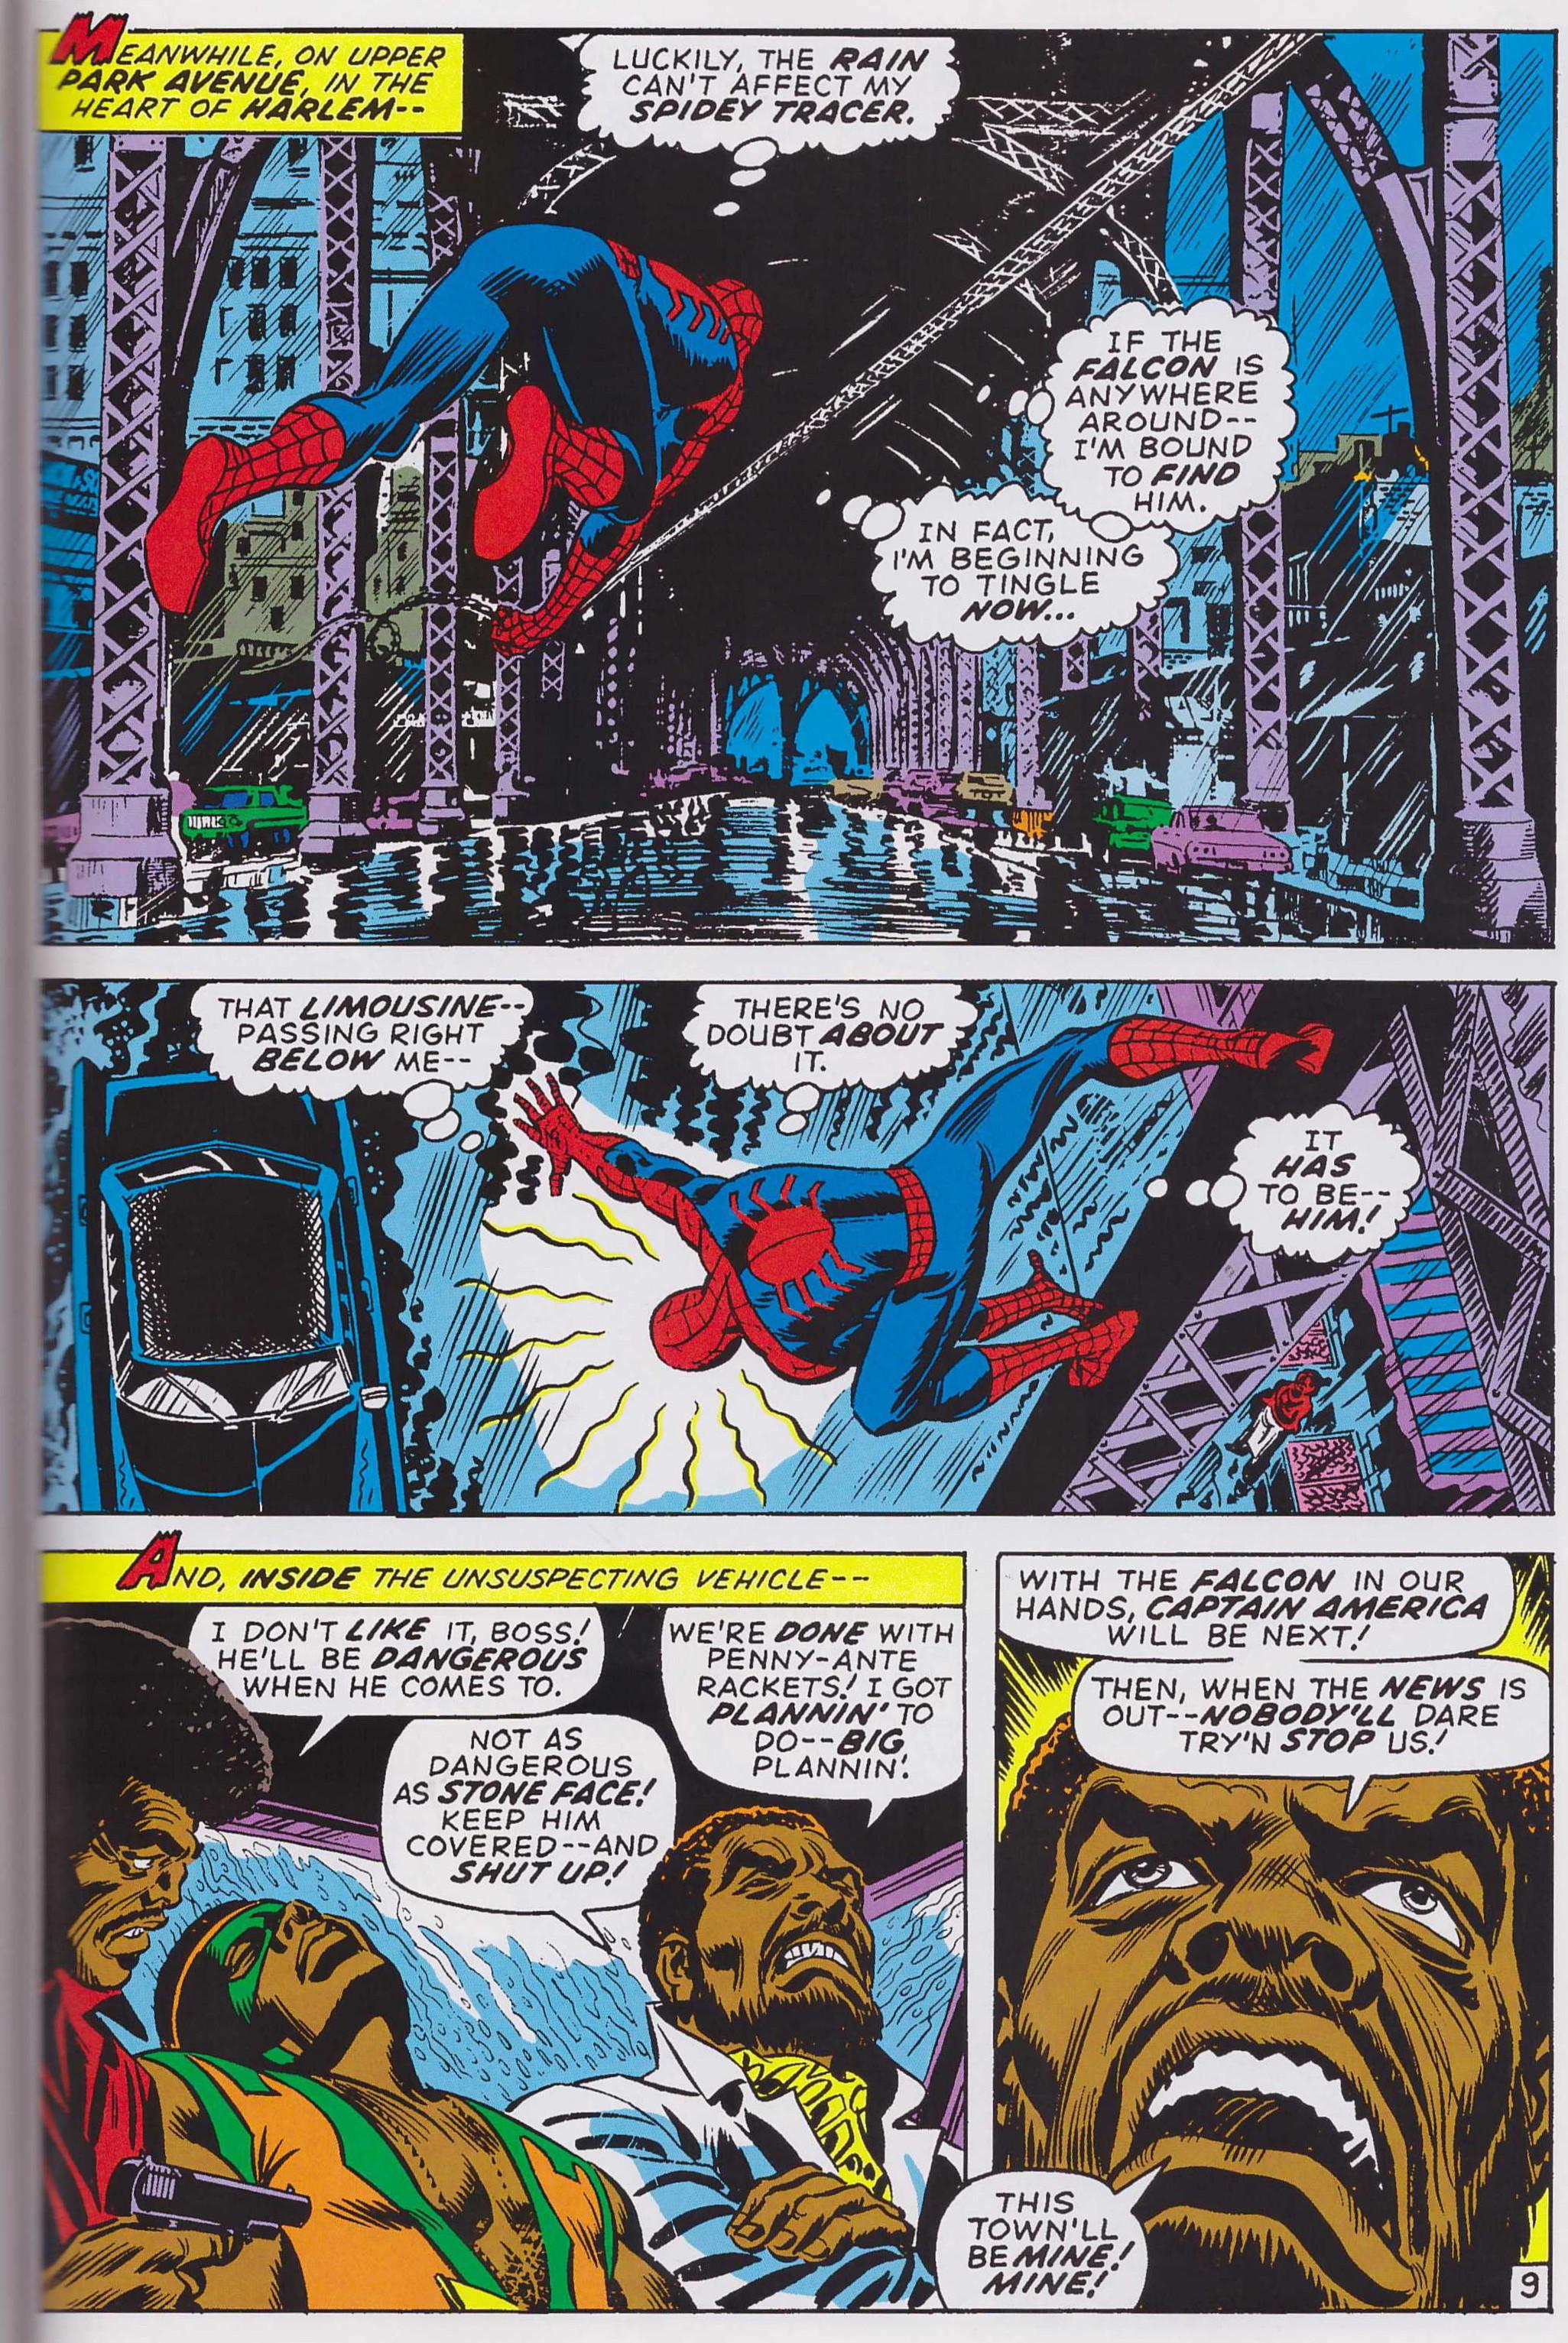 Marvel Visionaries John Romita Sr review